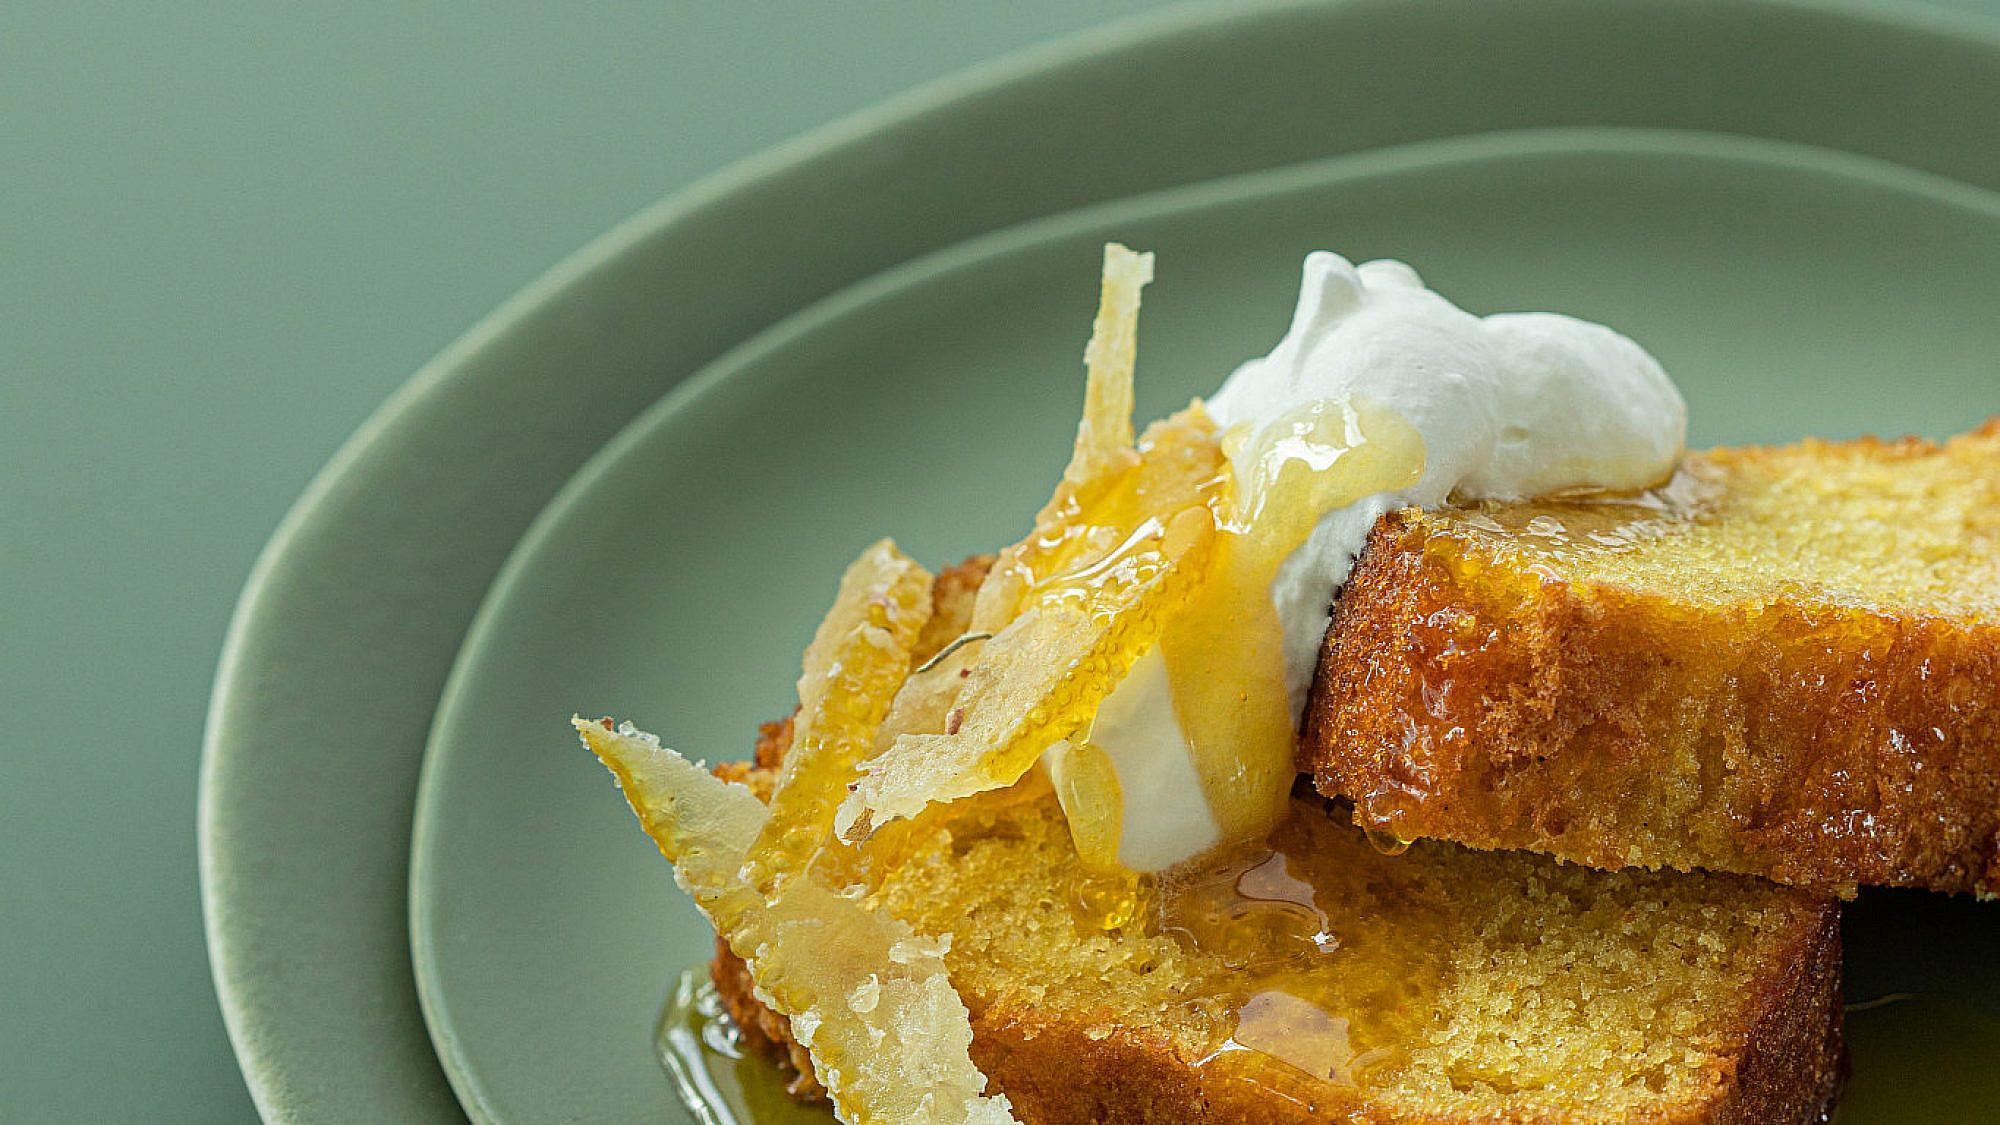 עוגת שמן זית והדרים של דניאל קיציס ואידית פדידה. צילום: טל סיון ציפורן. סטיילינג: דיאנה לינדר